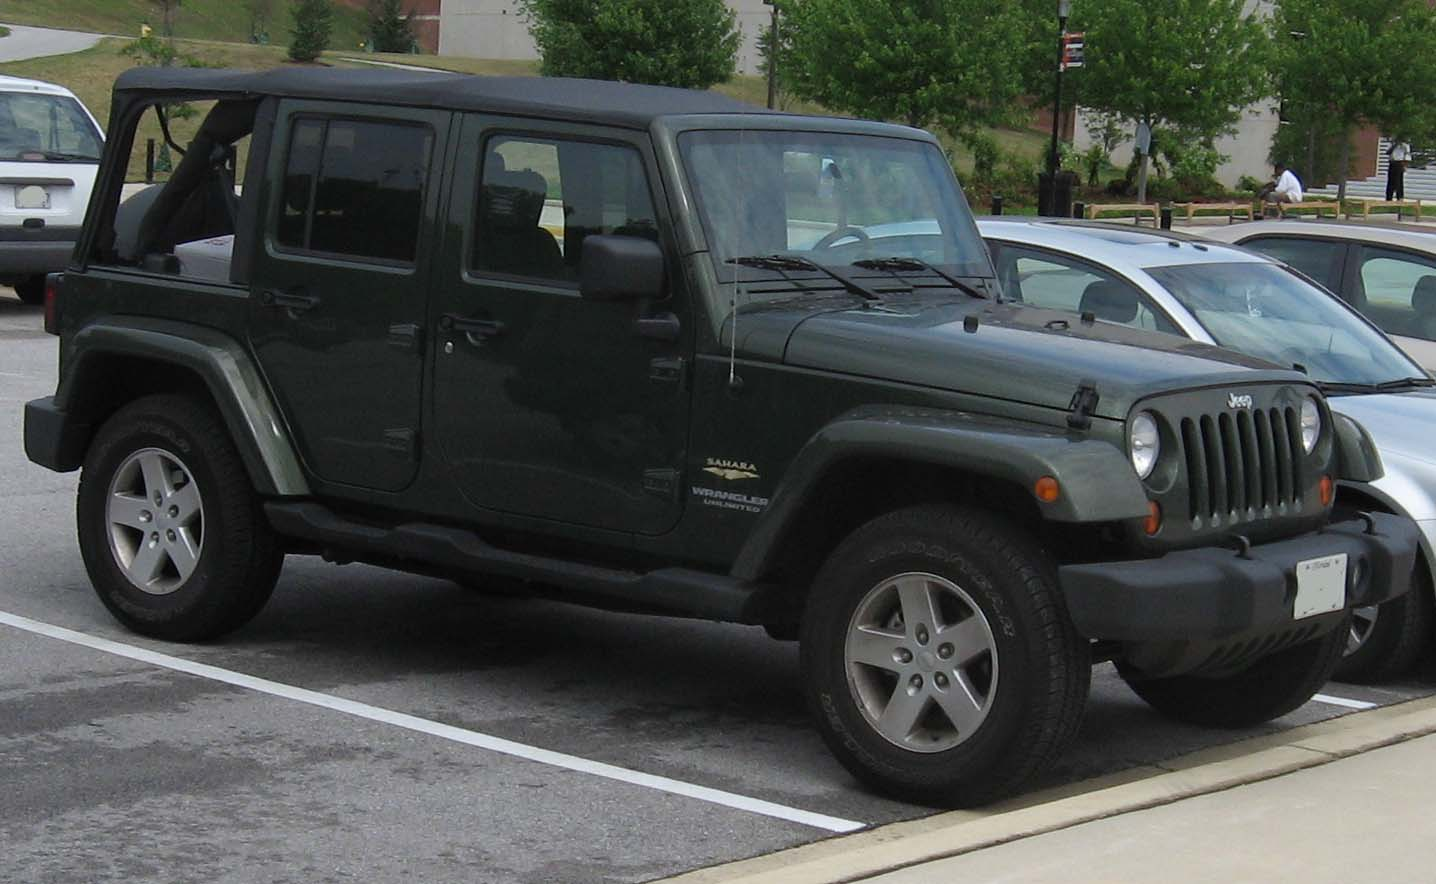 http://1.bp.blogspot.com/-xpM5abaUsKI/T89Zd29FHjI/AAAAAAAAA9k/KsgDVw3M18E/s1600/jeep-wrangler-sahara-06.jpg